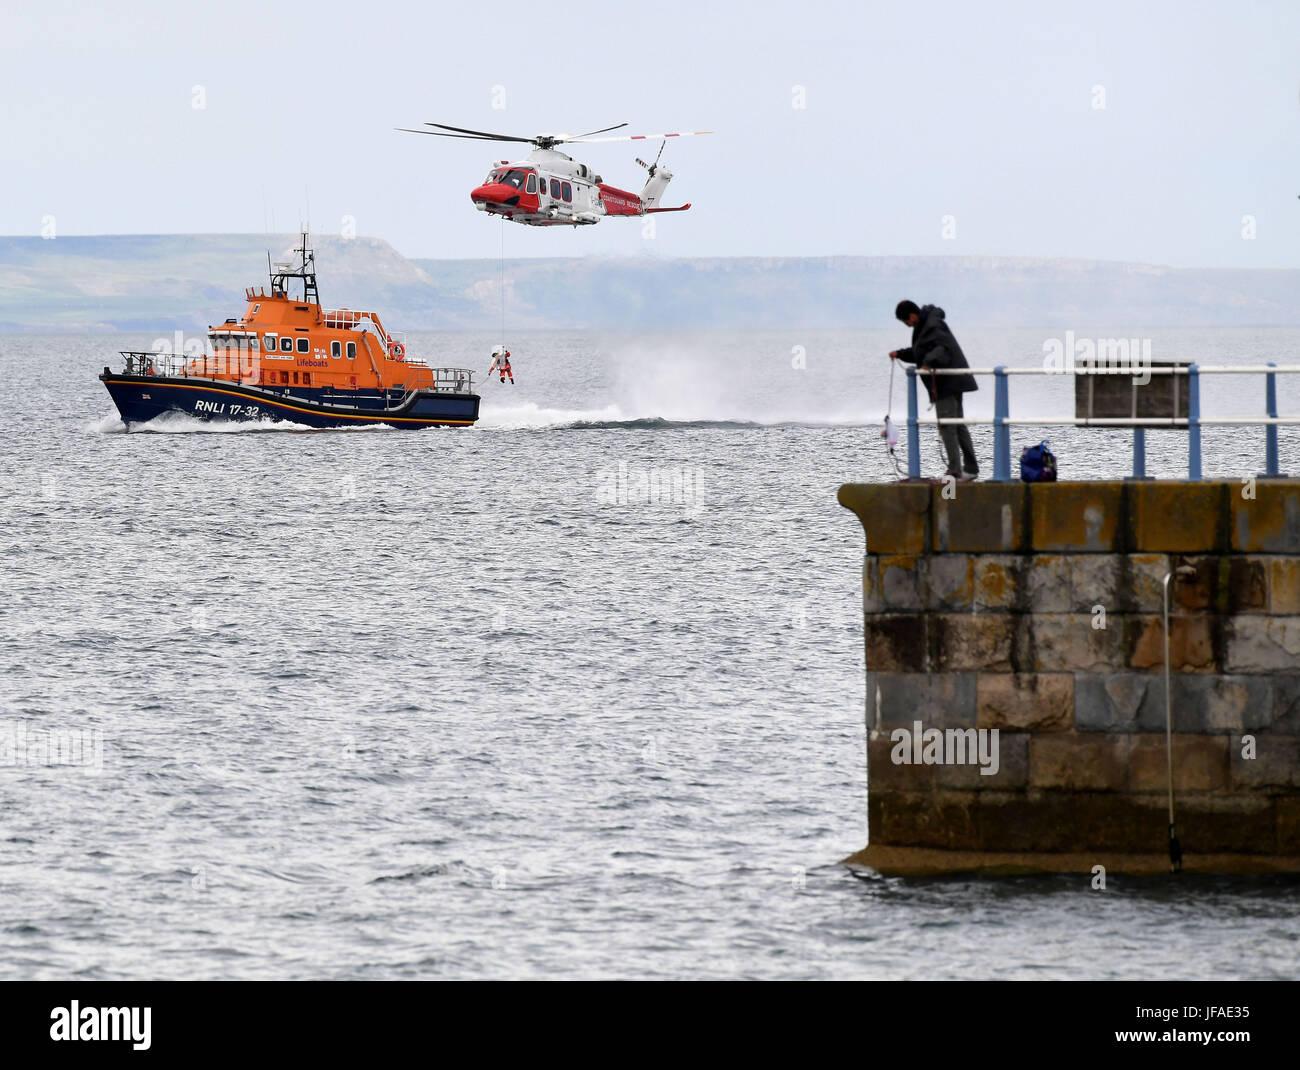 Dorset, Reino Unido. El 30 de junio, 2017. Después de más de 20 años de servicio, la base de helicópteros Imagen De Stock